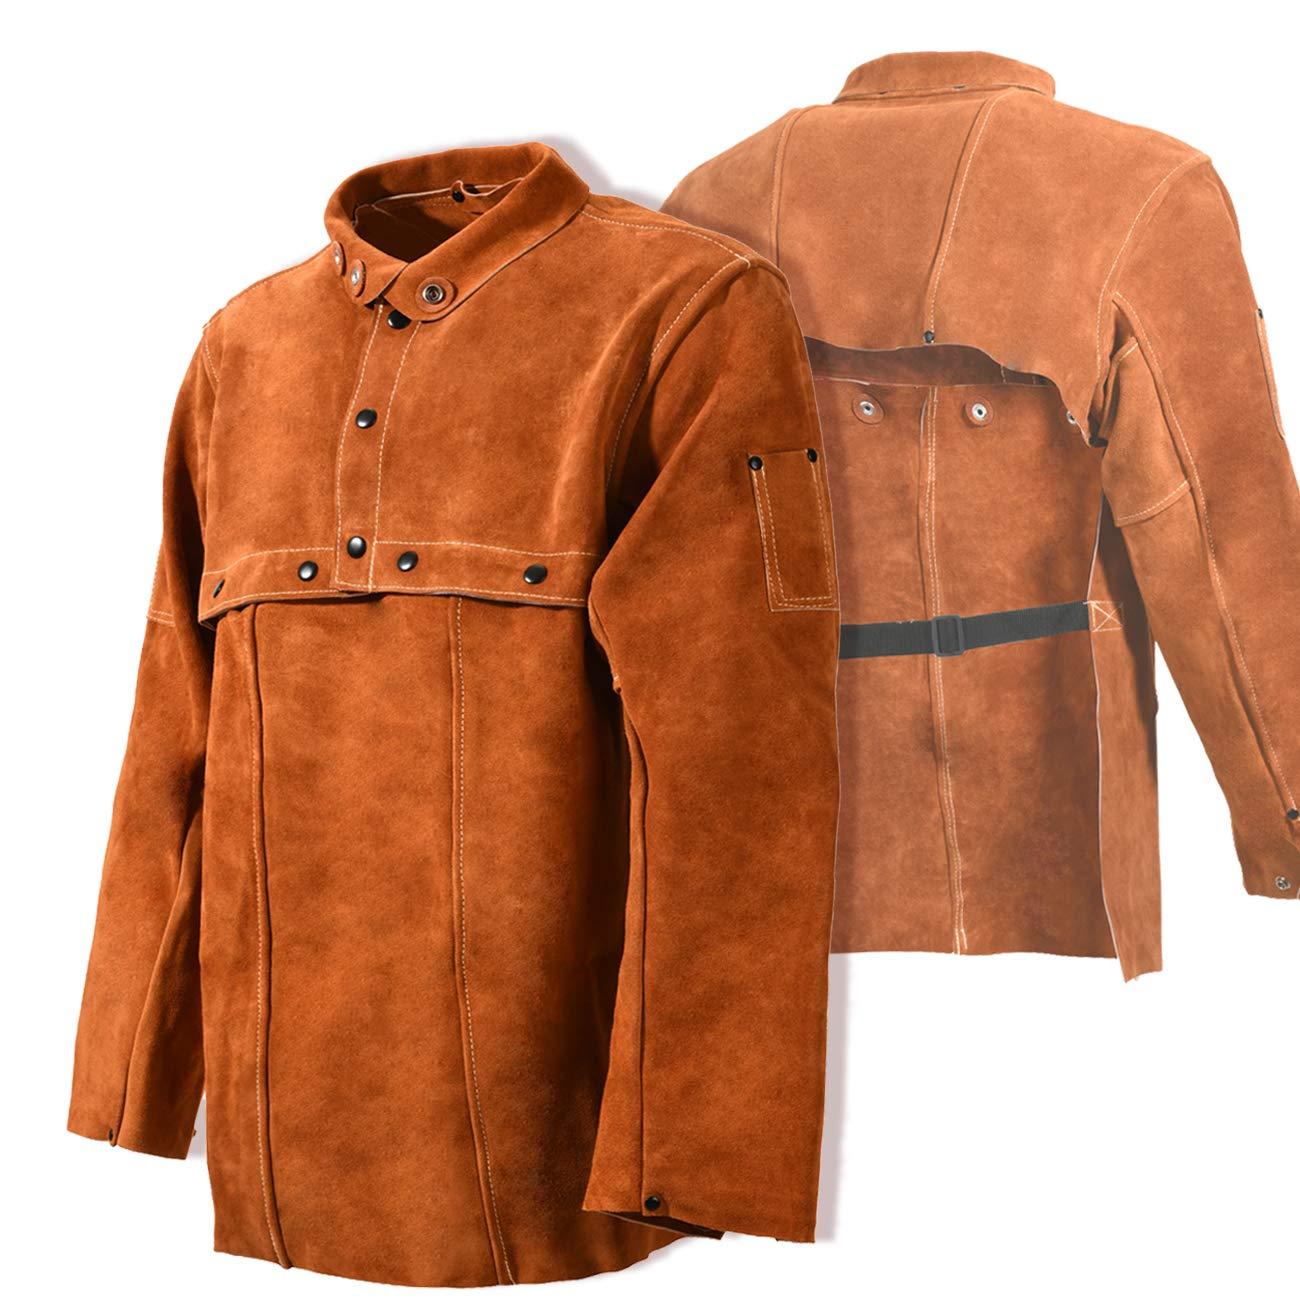 Leaseek Leather Welding Jacket - Heavy Duty Welding Apron with Sleeve (XX-Large)